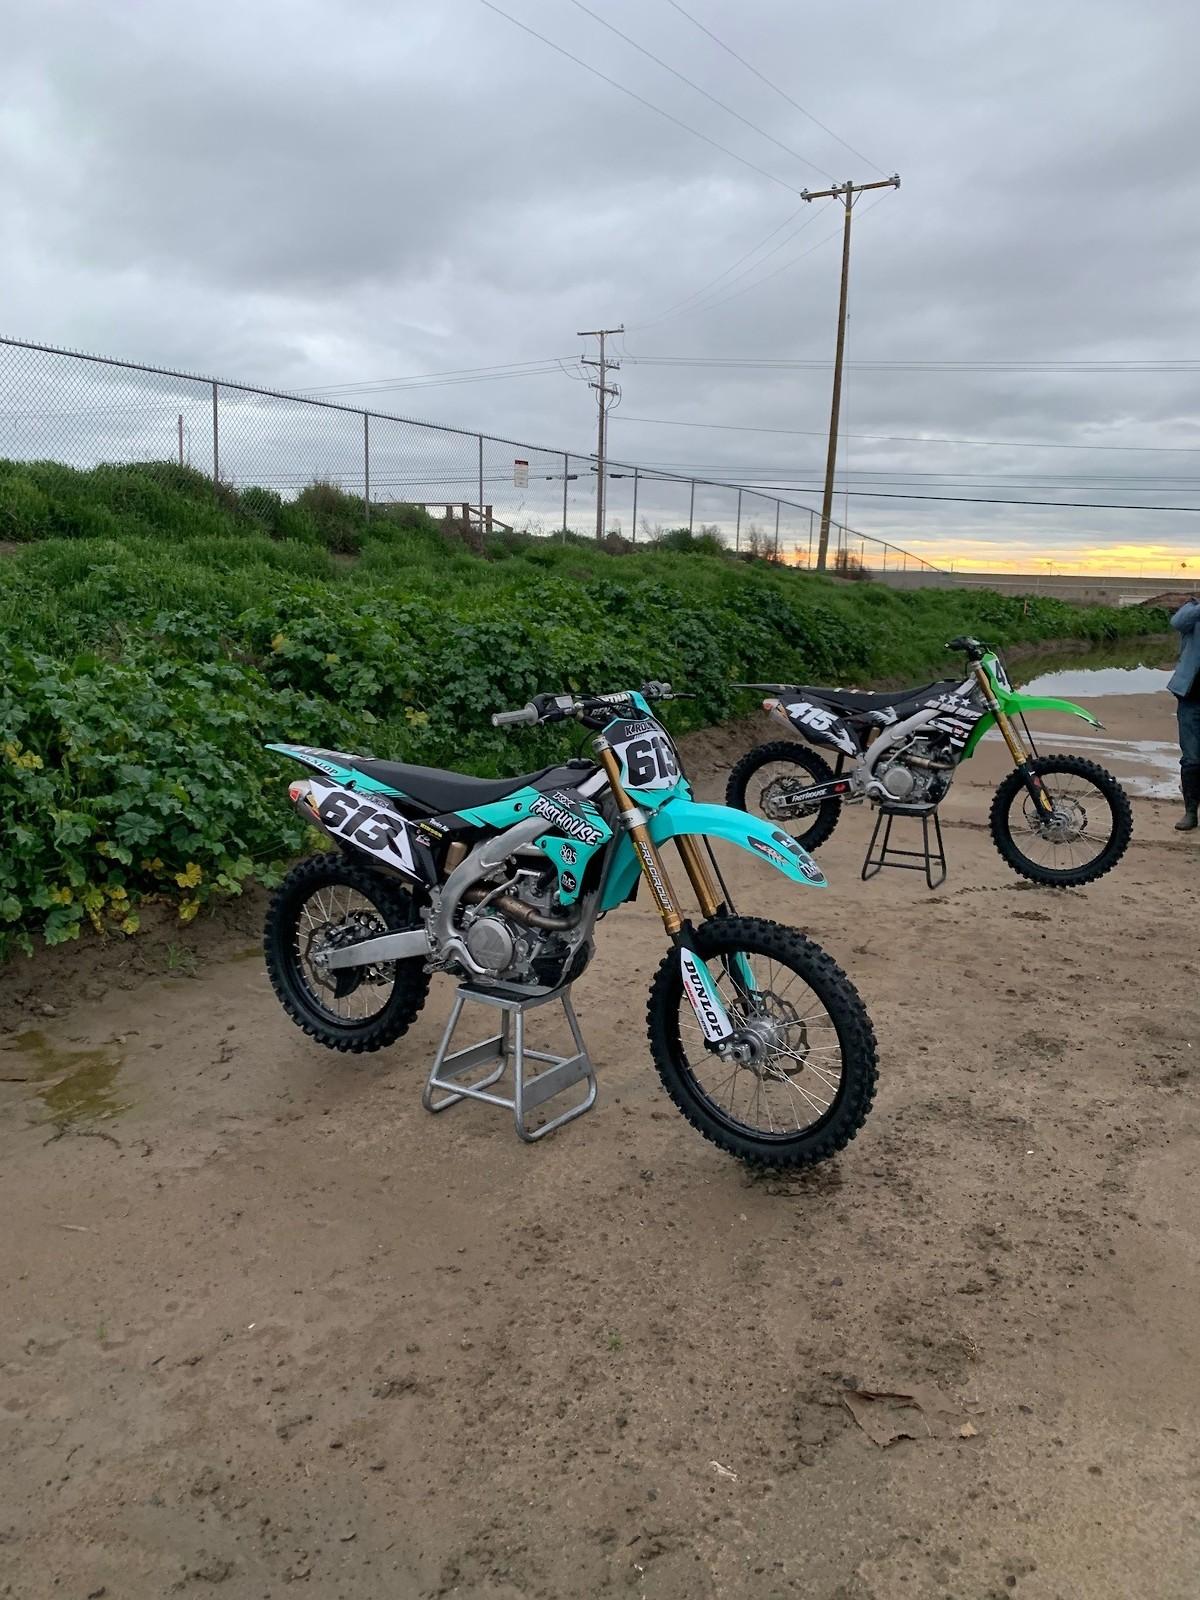 RTM - K-Dub613 - Motocross Pictures - Vital MX